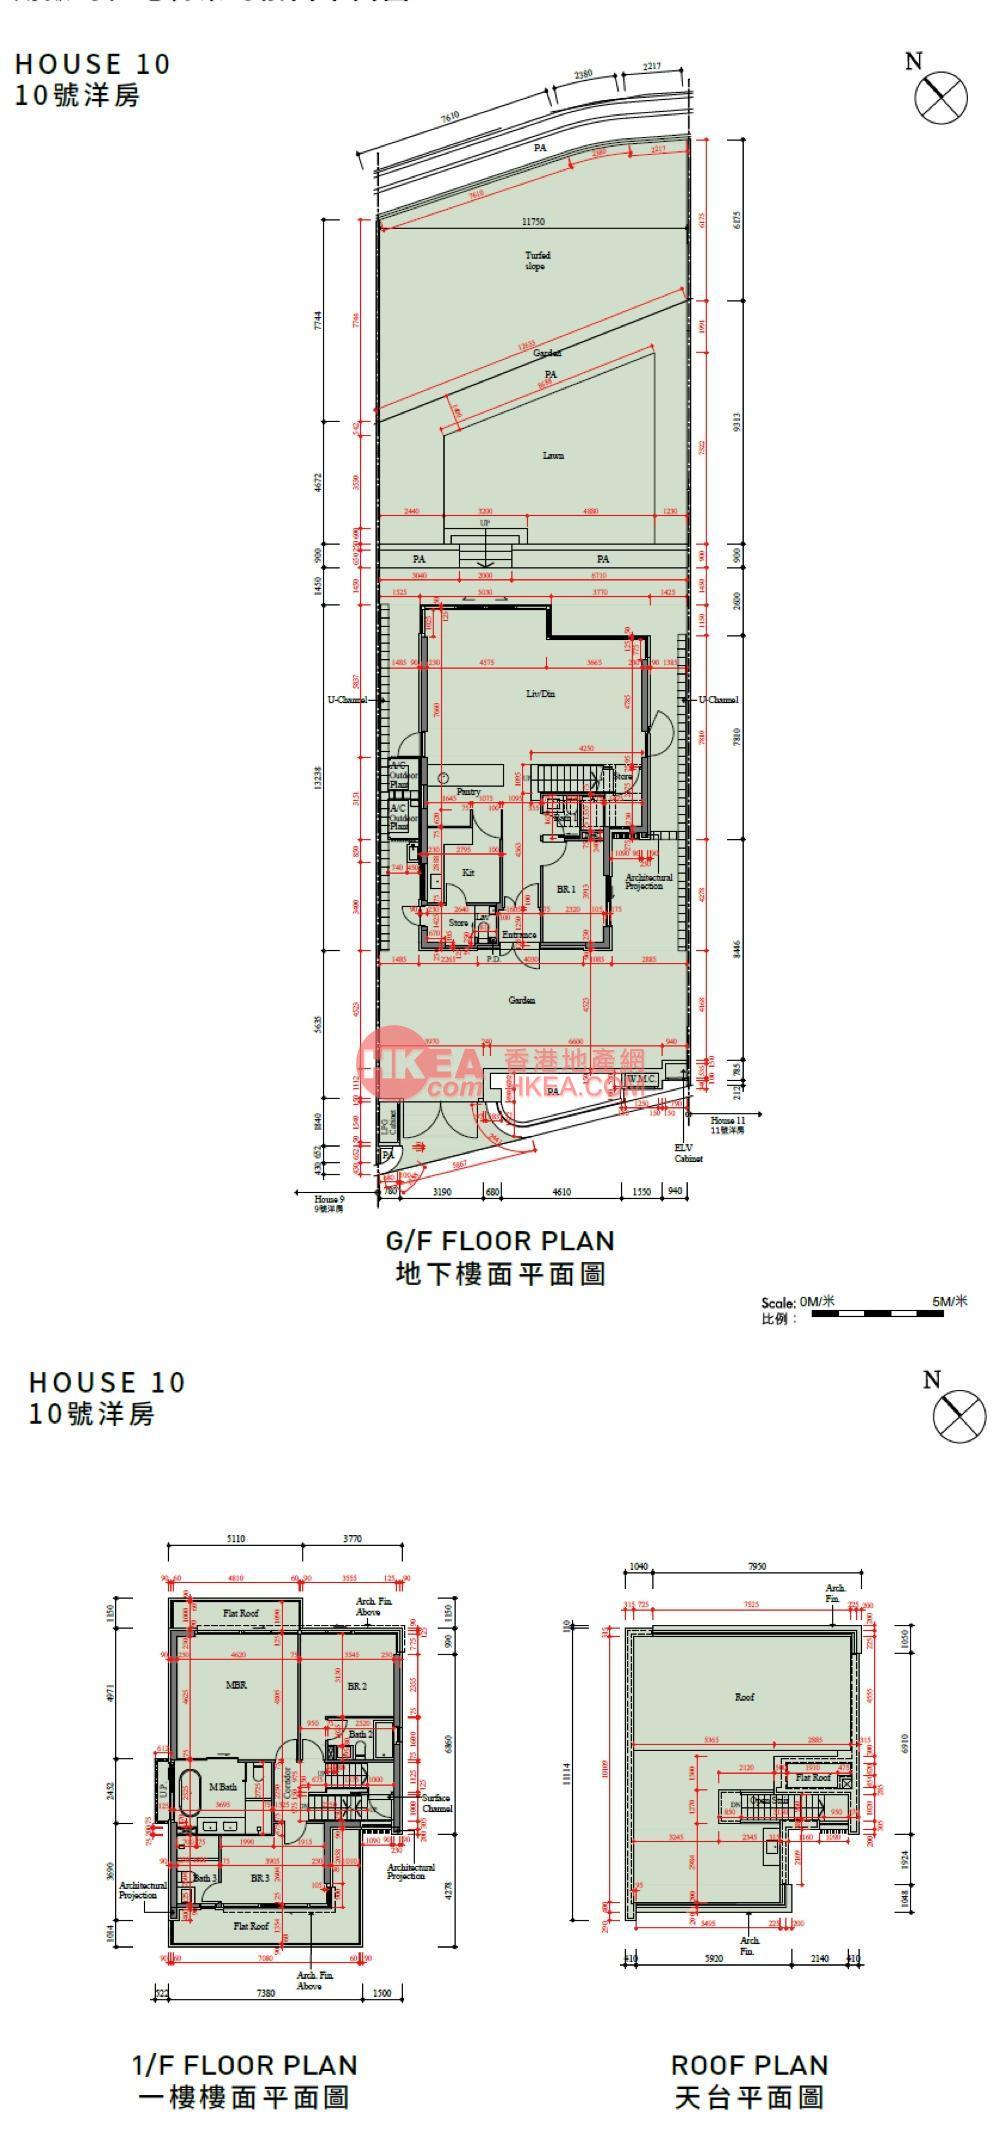 愉景灣 意峰洋房 10|()